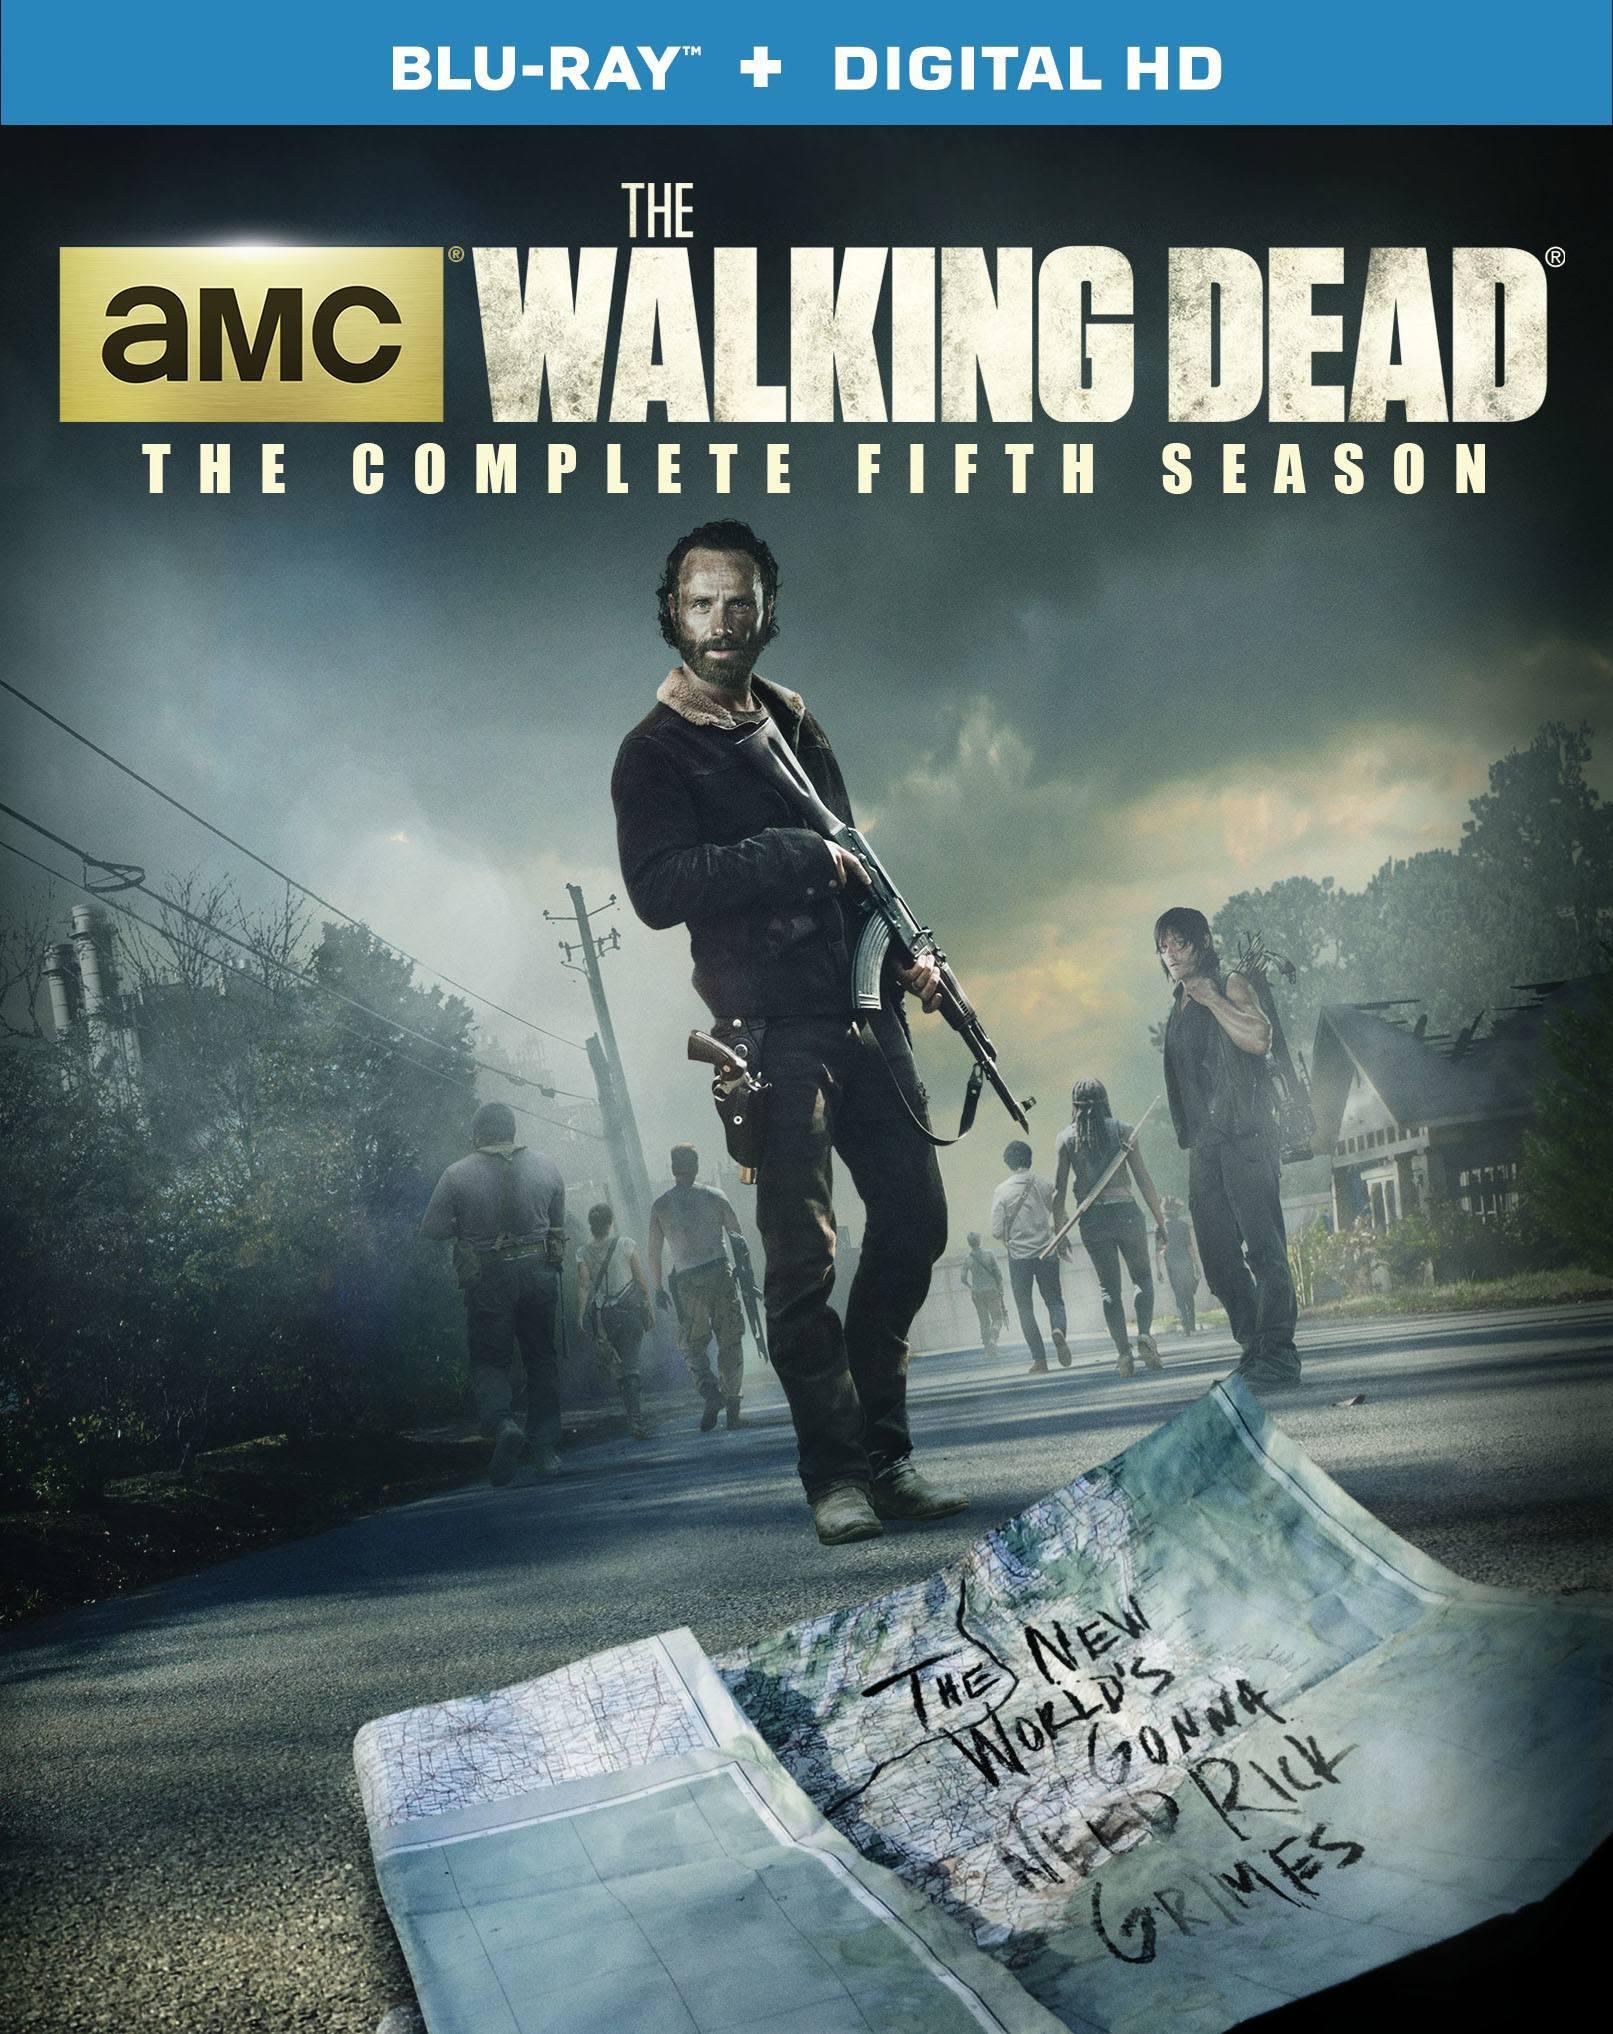 the walking dead season 5 box set cover image